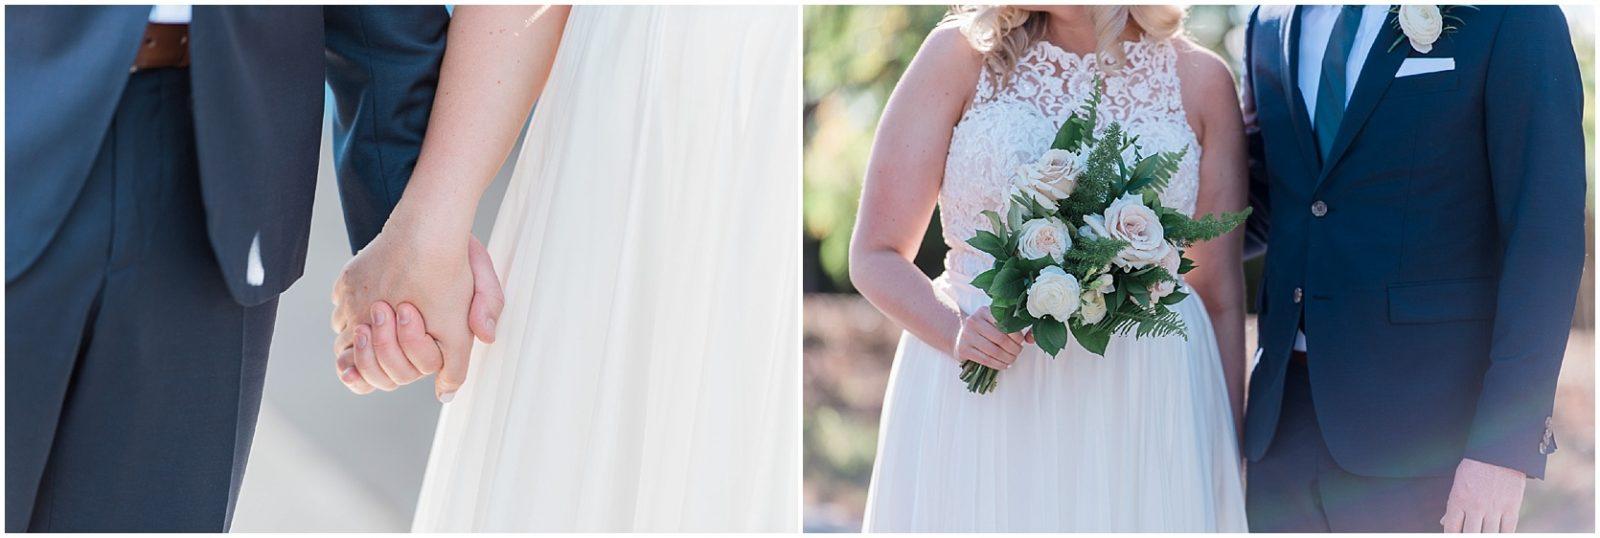 0025 SS-Late Summer Wedding at Zibi - Ottawa_PhotosbyEmmaH_WEB.jpg